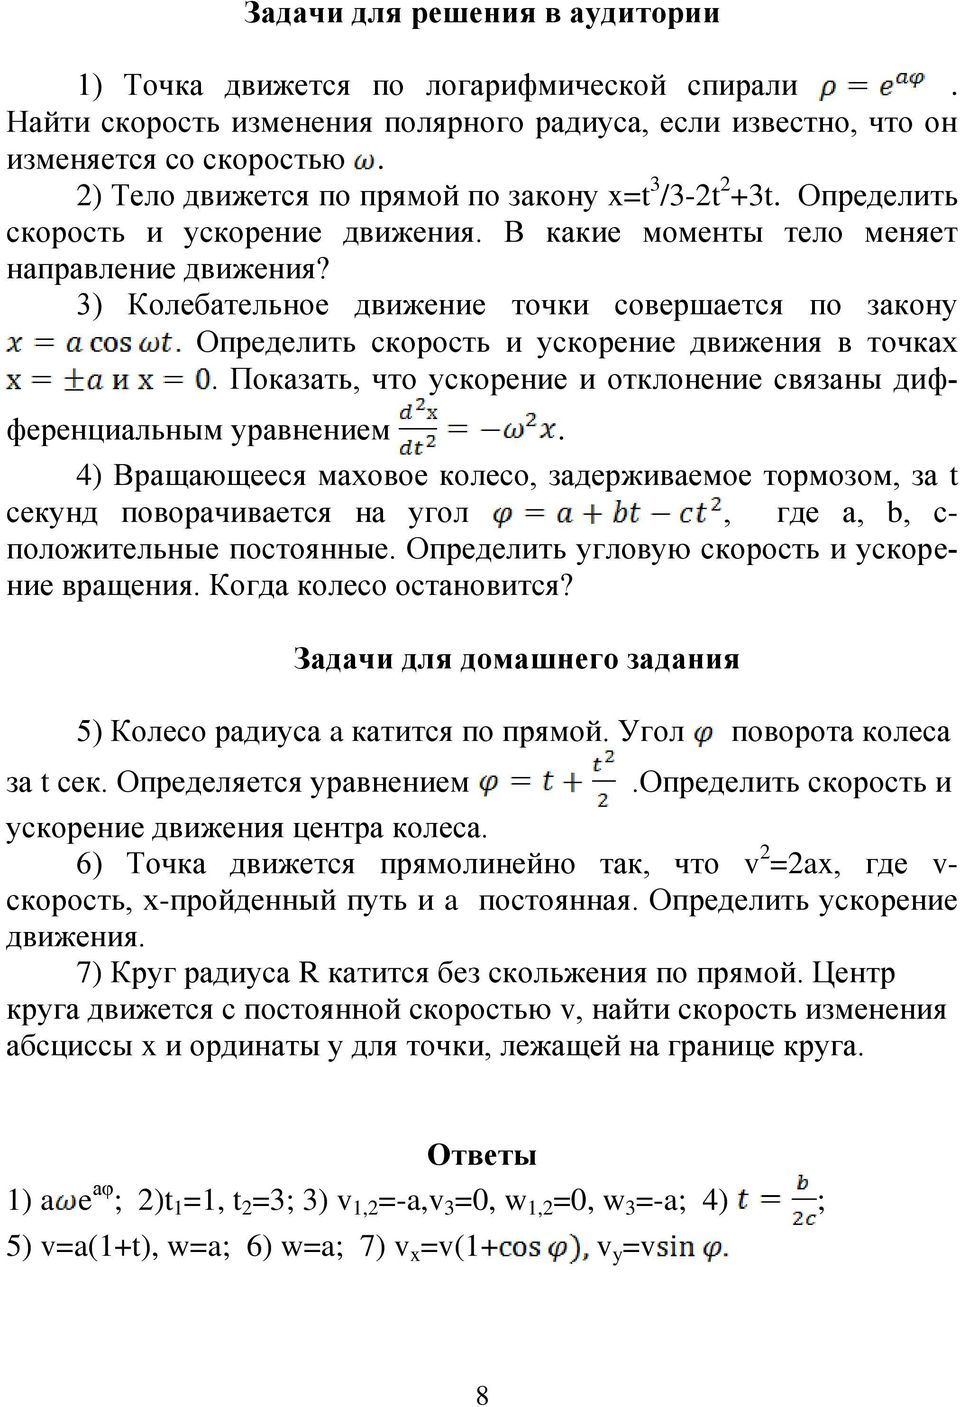 Гдз по русской литературе 6 класс мушинская